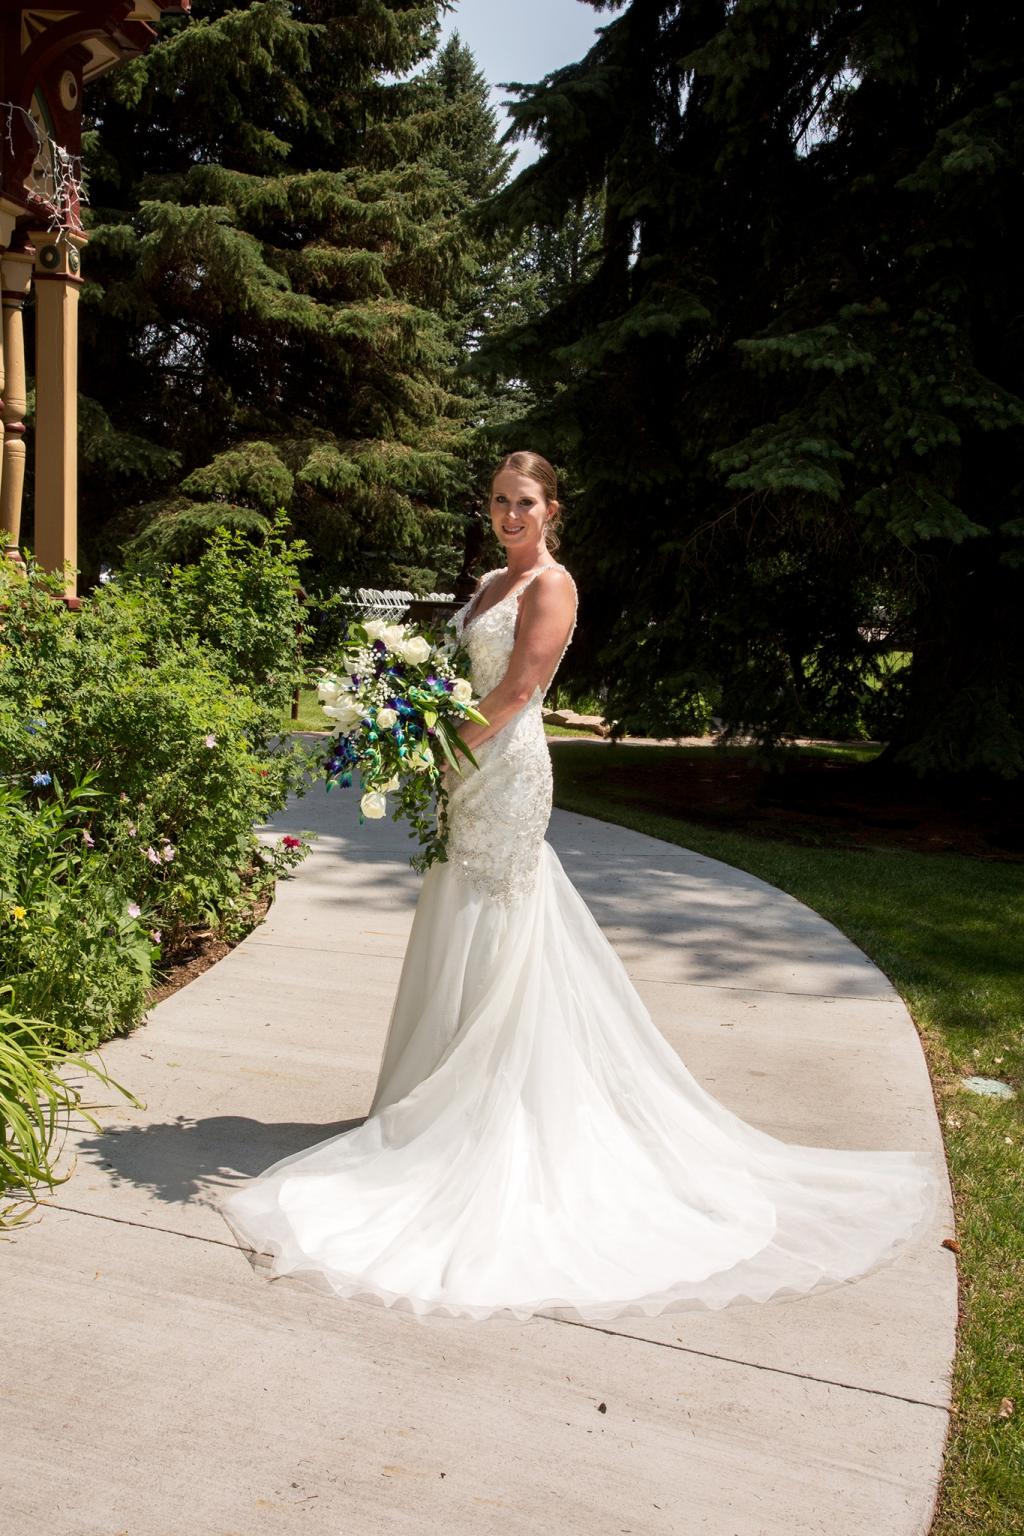 marchese_wedding_124 copy